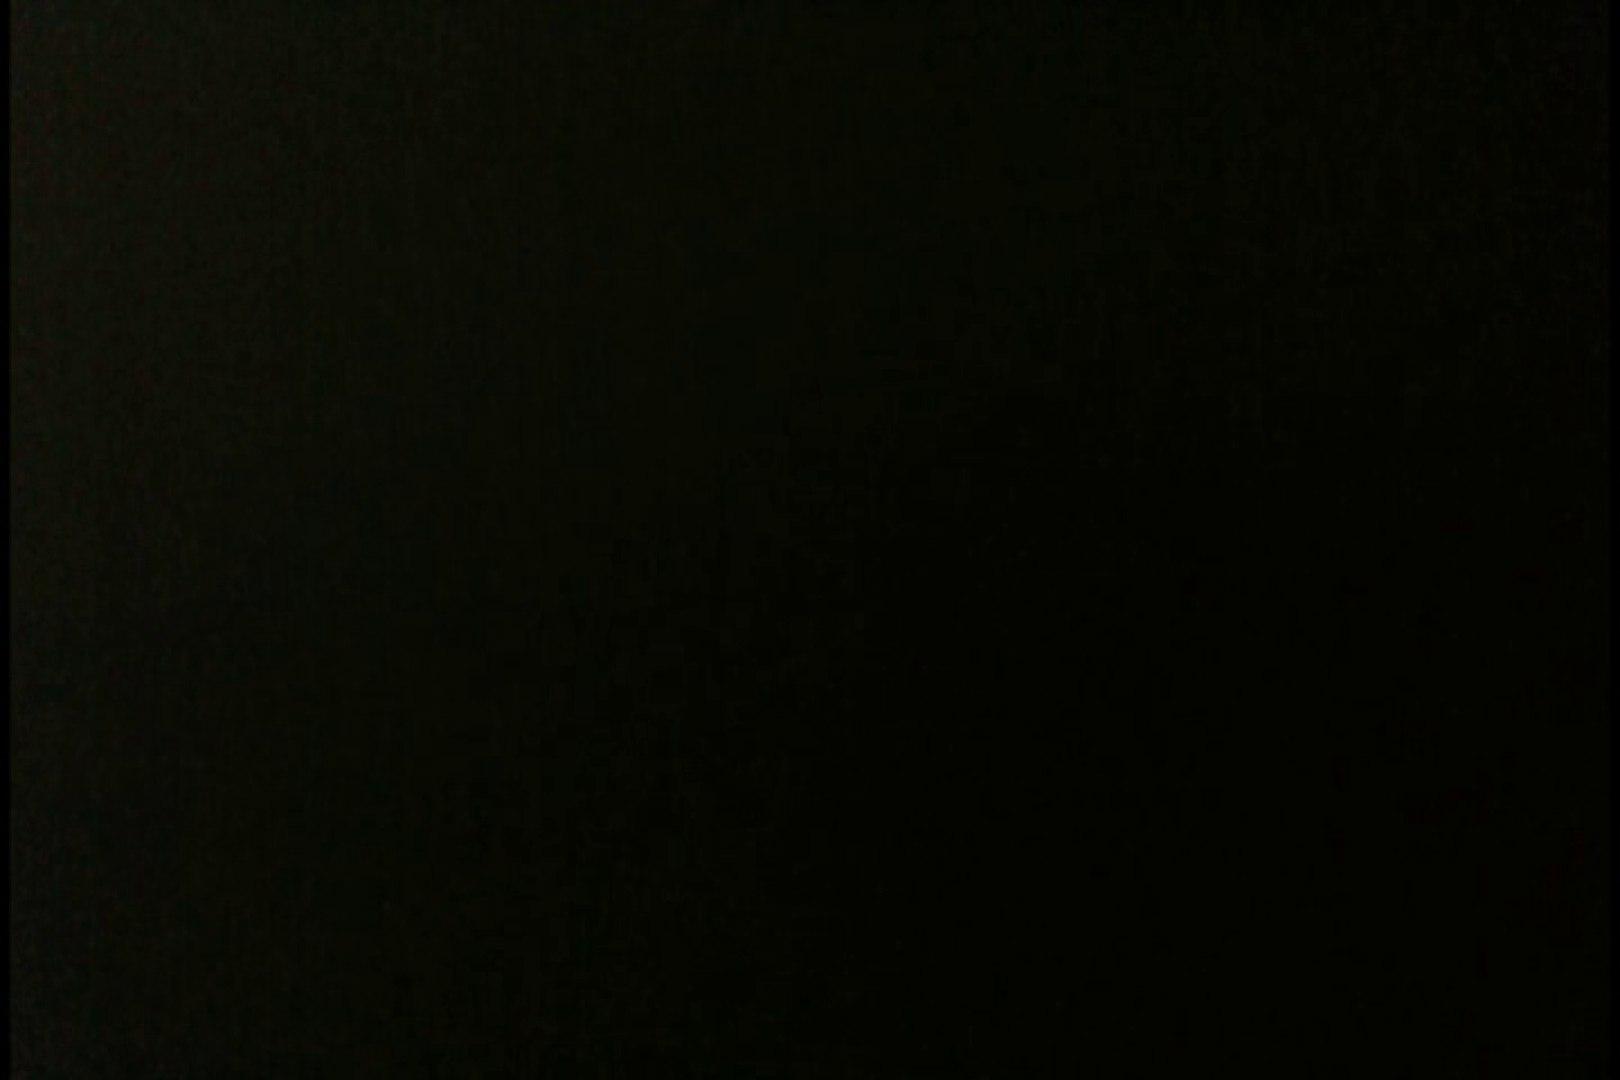 投稿!山下さんの闘病日記 激カワナースパンチラ vol.04 お色気ナース AV無料動画キャプチャ 70枚 55